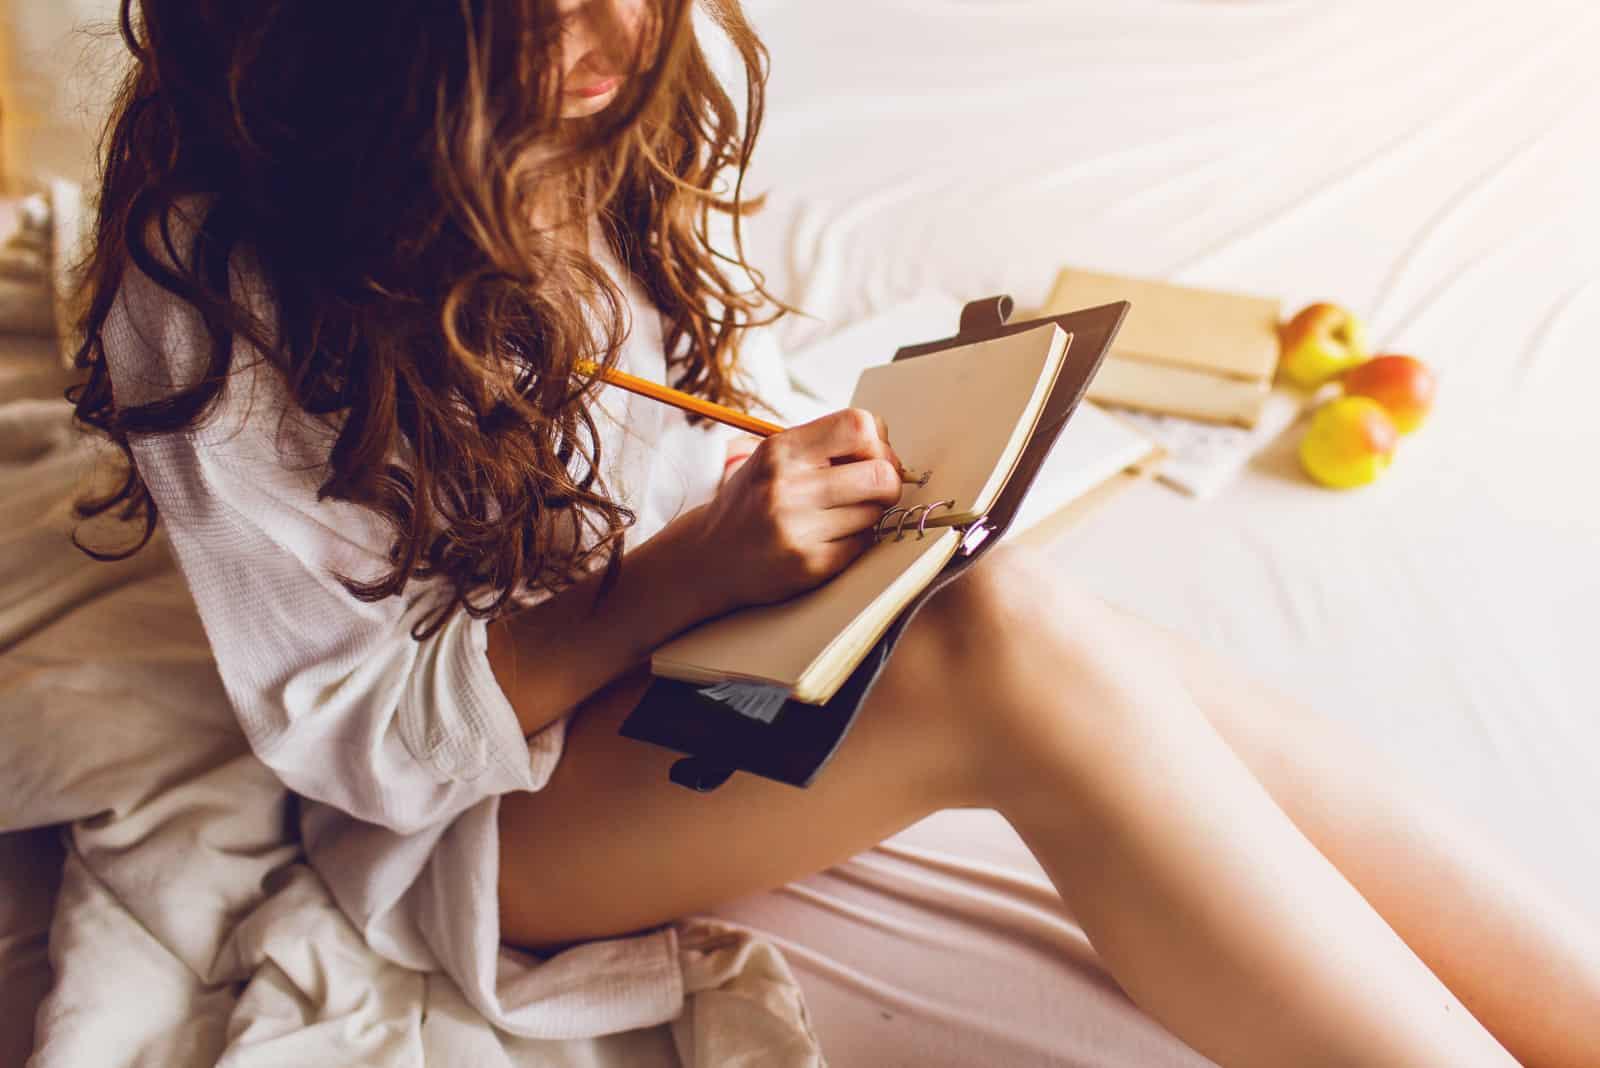 Das Mädchen sitzt auf dem Bett und schreibt Notizen